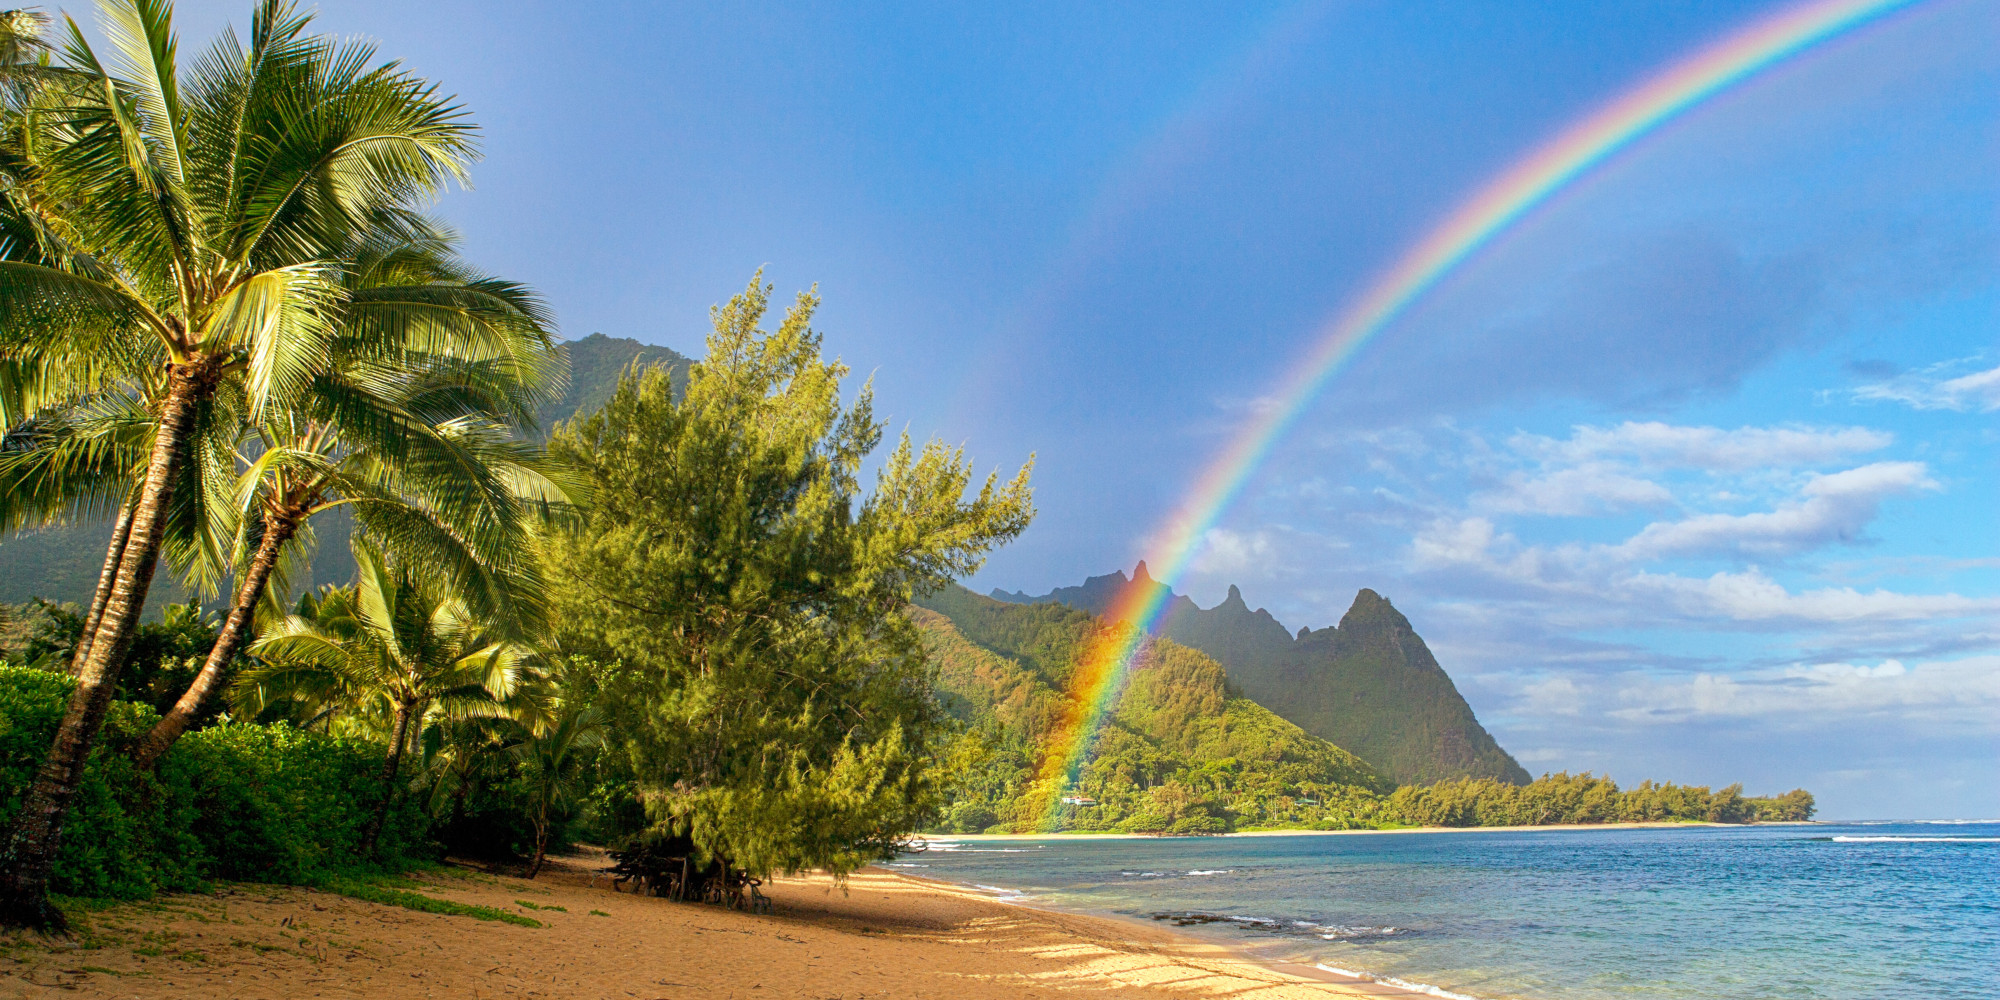 hawaii house advances same